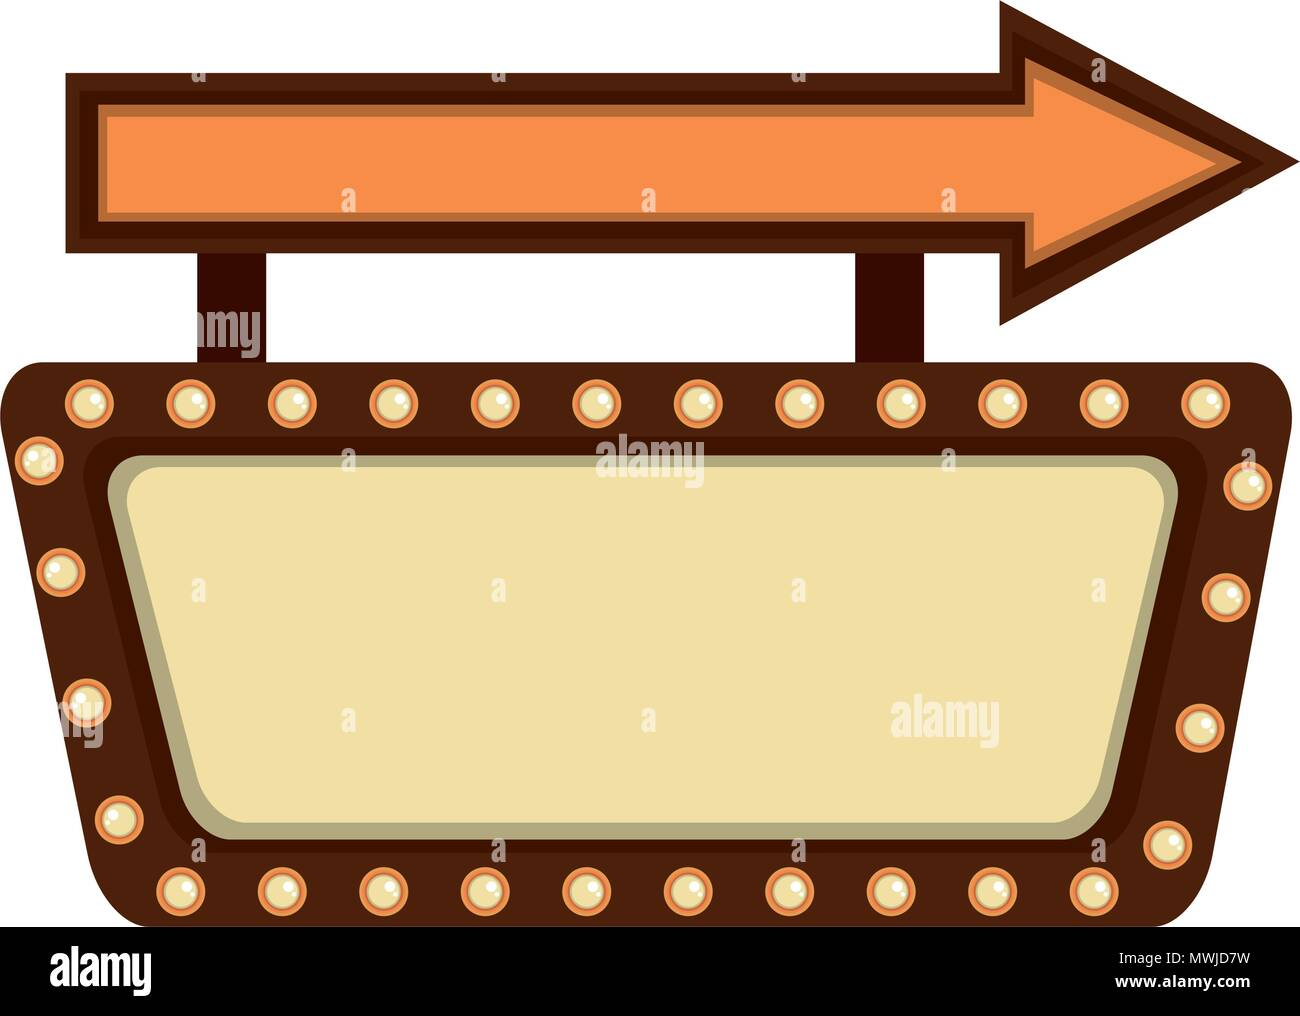 Etikett Mit Pfeil Und Leuchten Retro Stil Vector Illustration Design